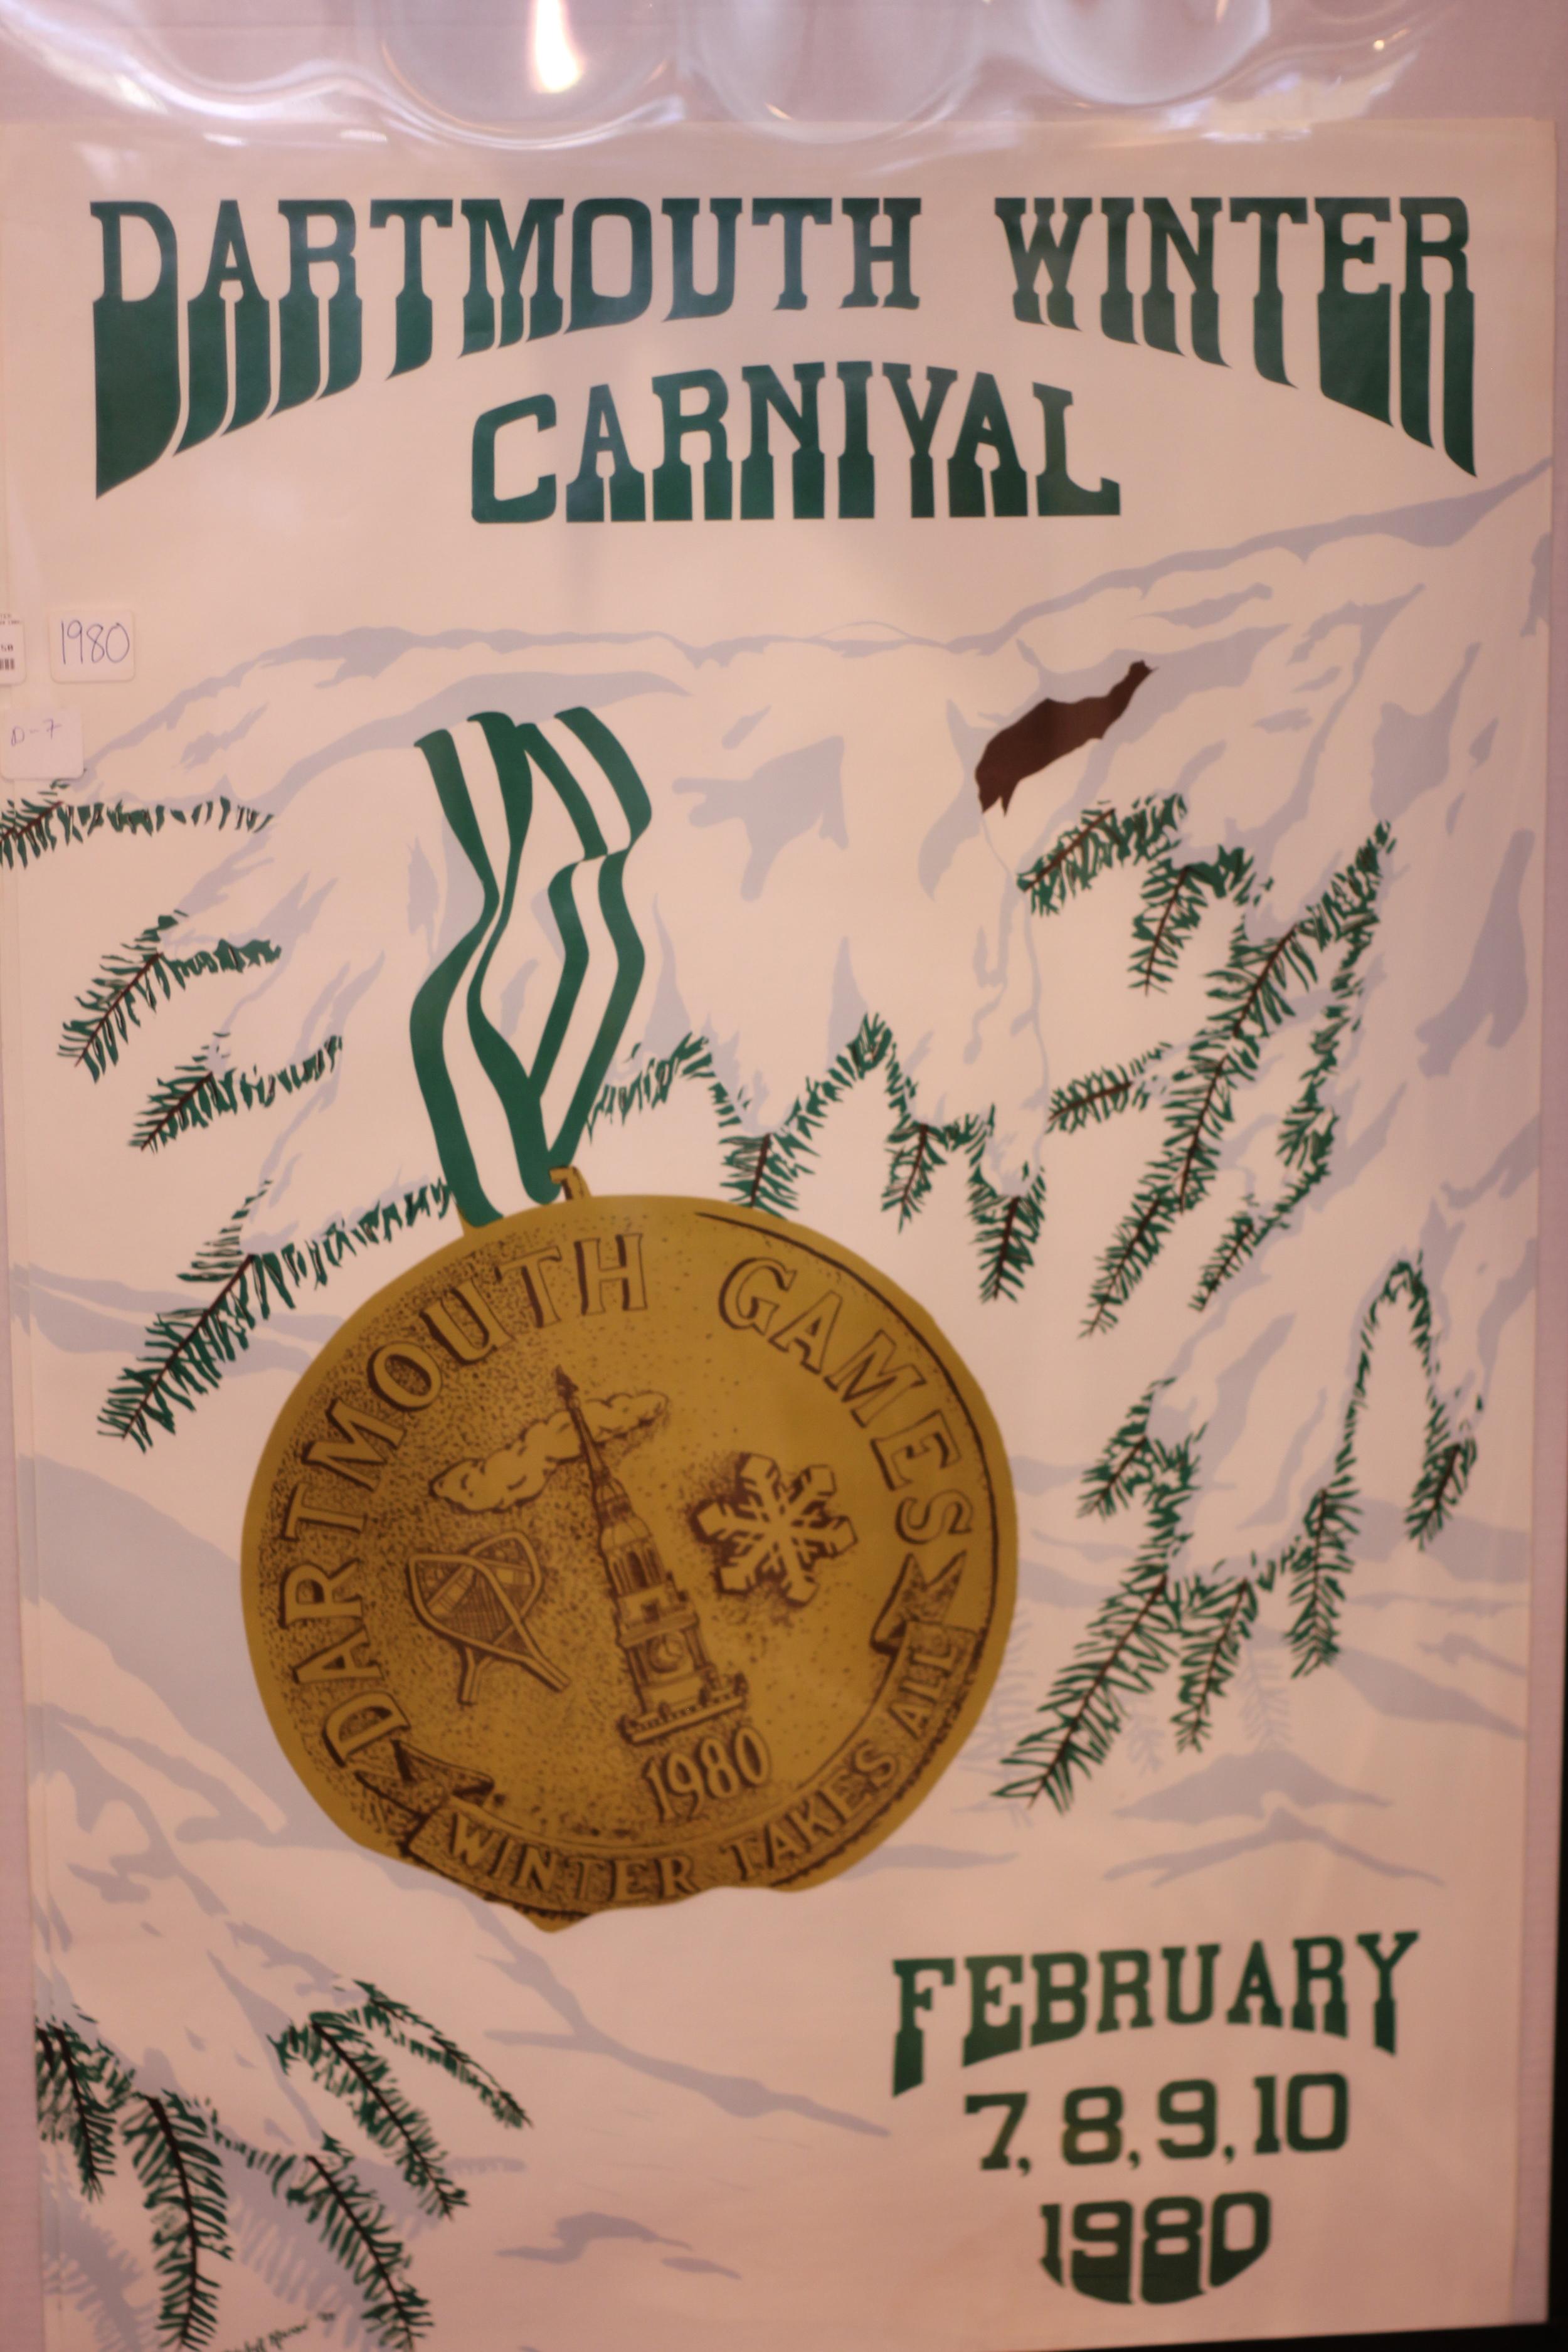 Dartmouth Winter Carnival 1980